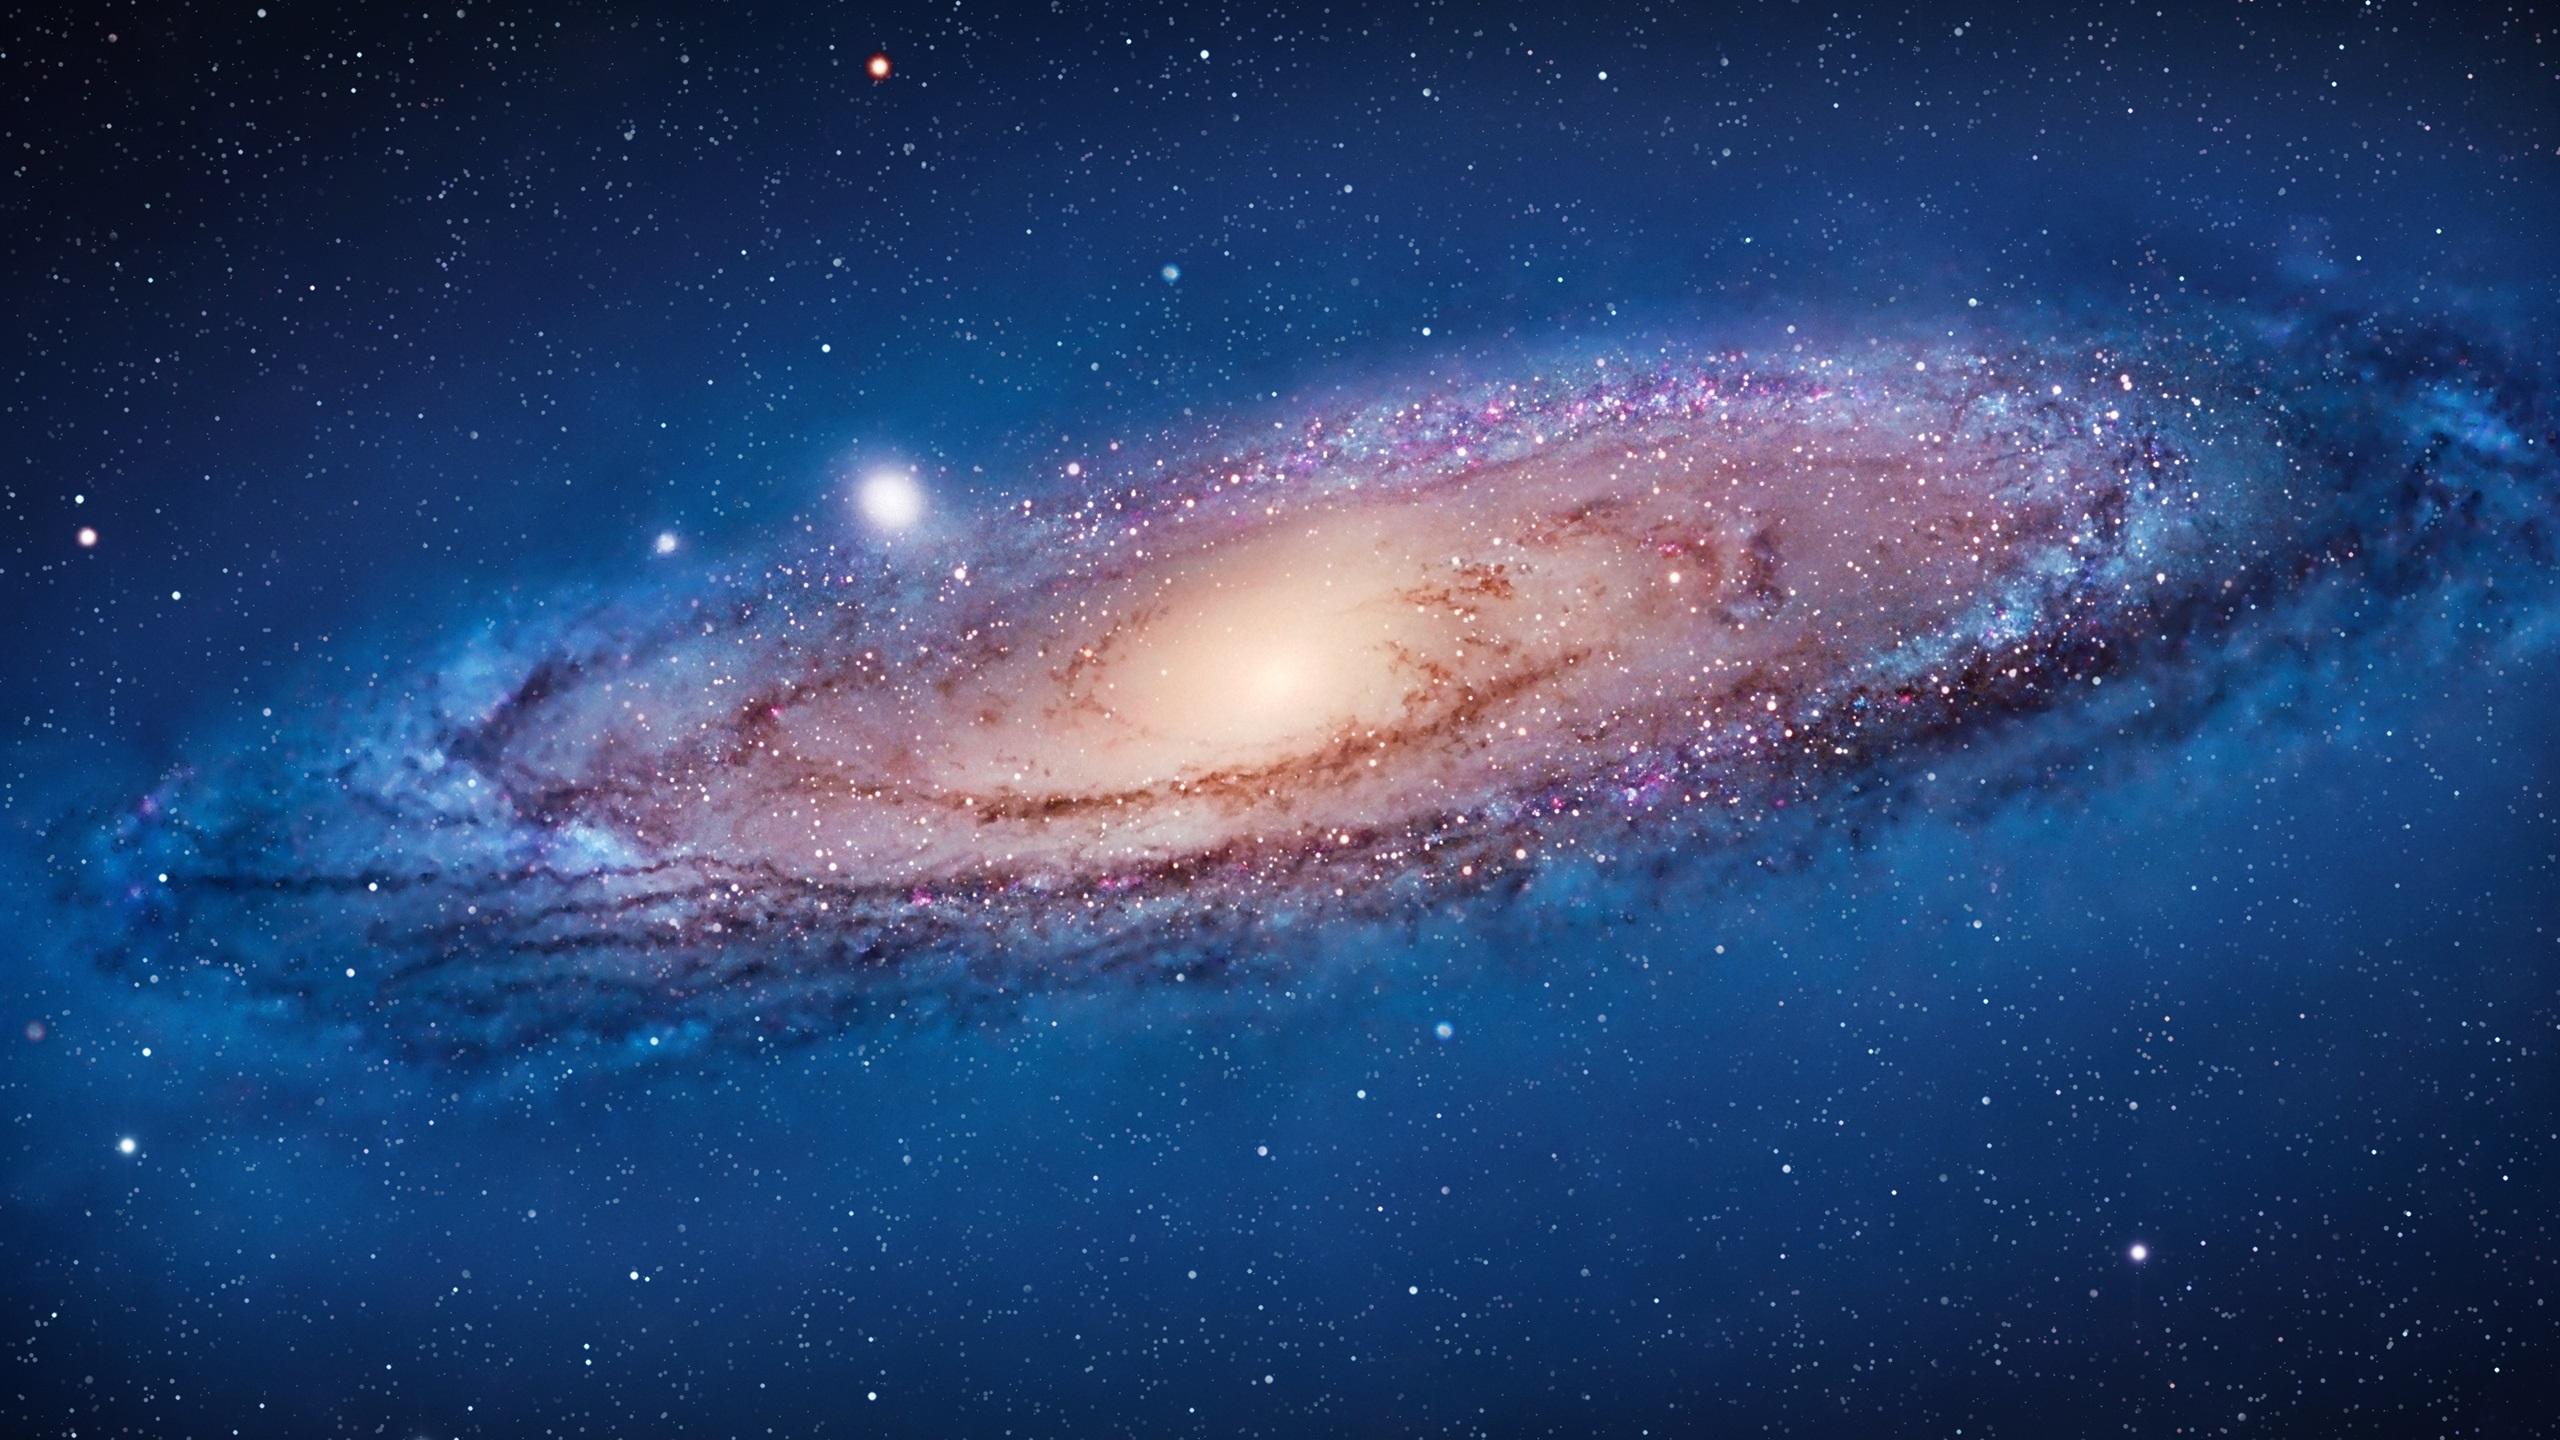 アンドロメダ銀河 デスクトップの壁紙 2560x1440 壁紙をダウンロード Ja Hdwall365 Com